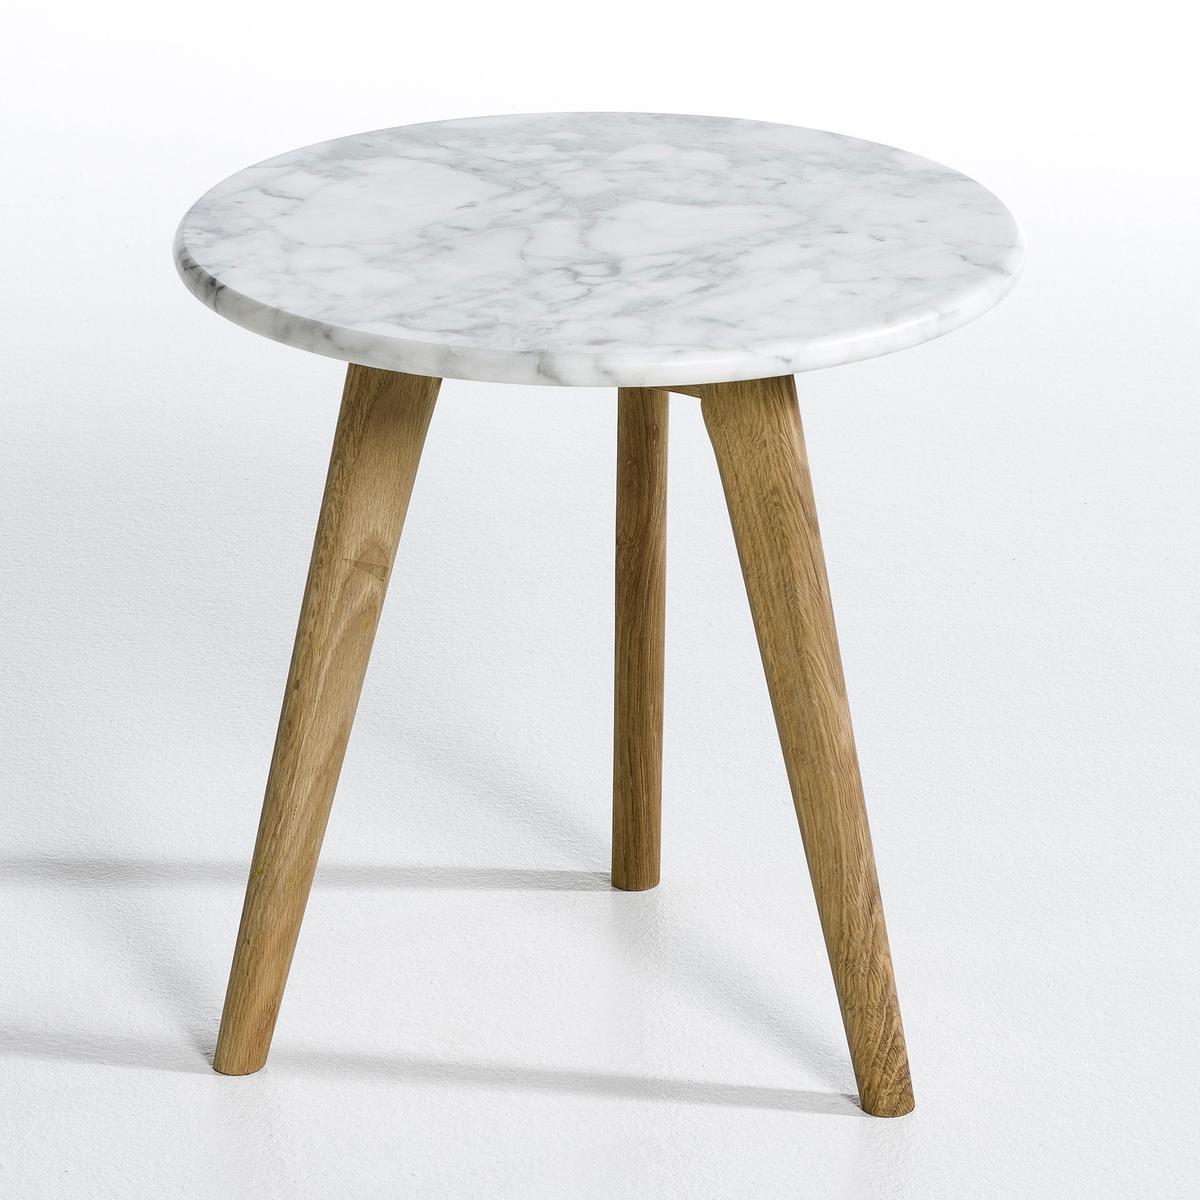 Столик диванный Priscille, столешница из мрамораДиванный столик Priscille, или низкий журнальный столик, или ночной столик... Характеристики :- Столешница из черного мрамора.- 3 ножки из дуба с пропиткой маслом.- Защитные накладки на ножки  Размеры :- диаметр 40 x высота 40 см<br><br>Цвет: белый